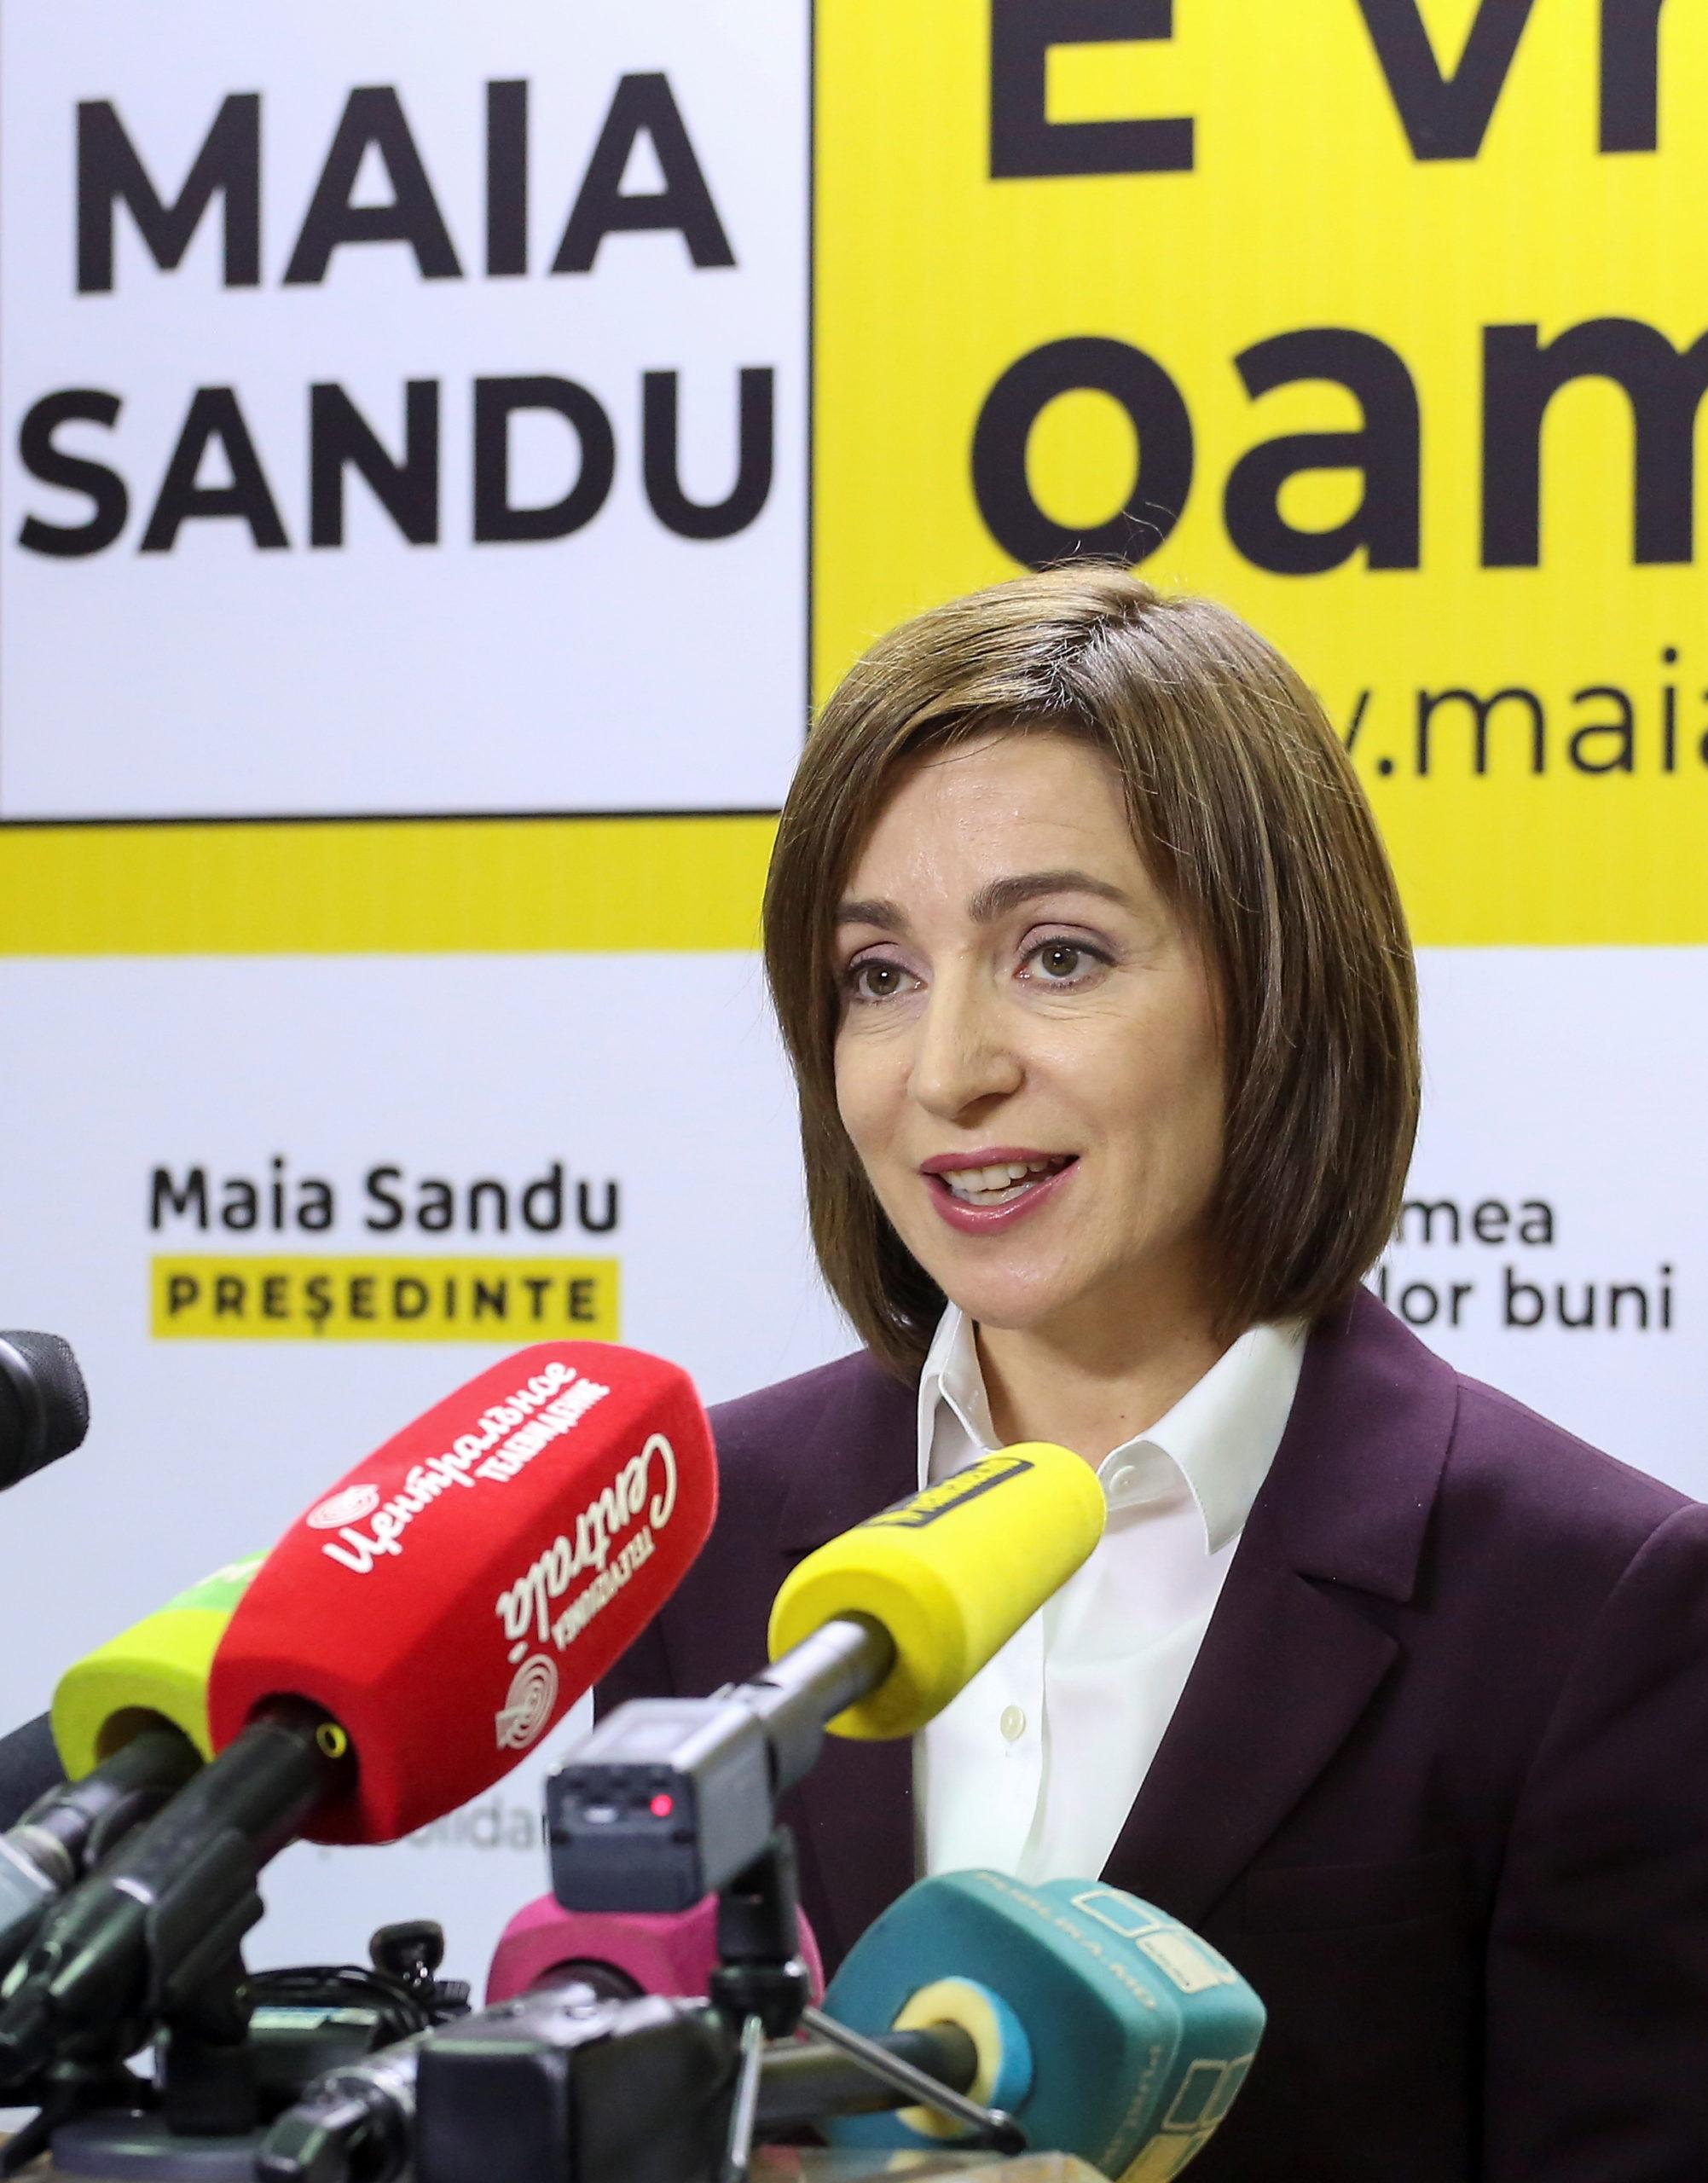 Нова президентка Молдови Санду в першій же промові заявила про намір будувати діалог з Україною